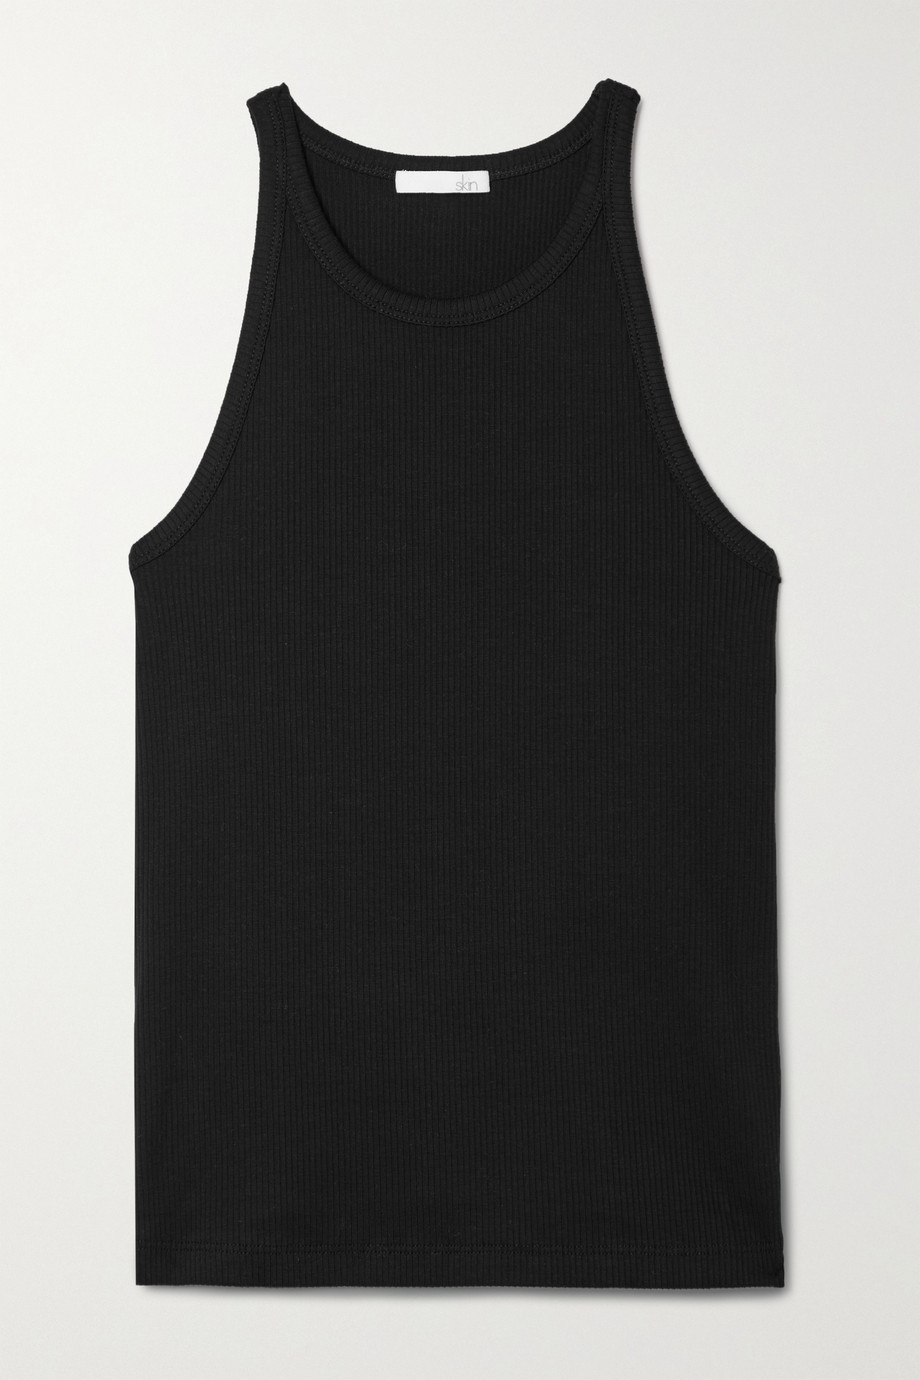 Skin + NET SUSTAIN Ivy Tanktop aus geripptem Bio-Pima-Baumwoll-Jersey mit Stretch-Anteil